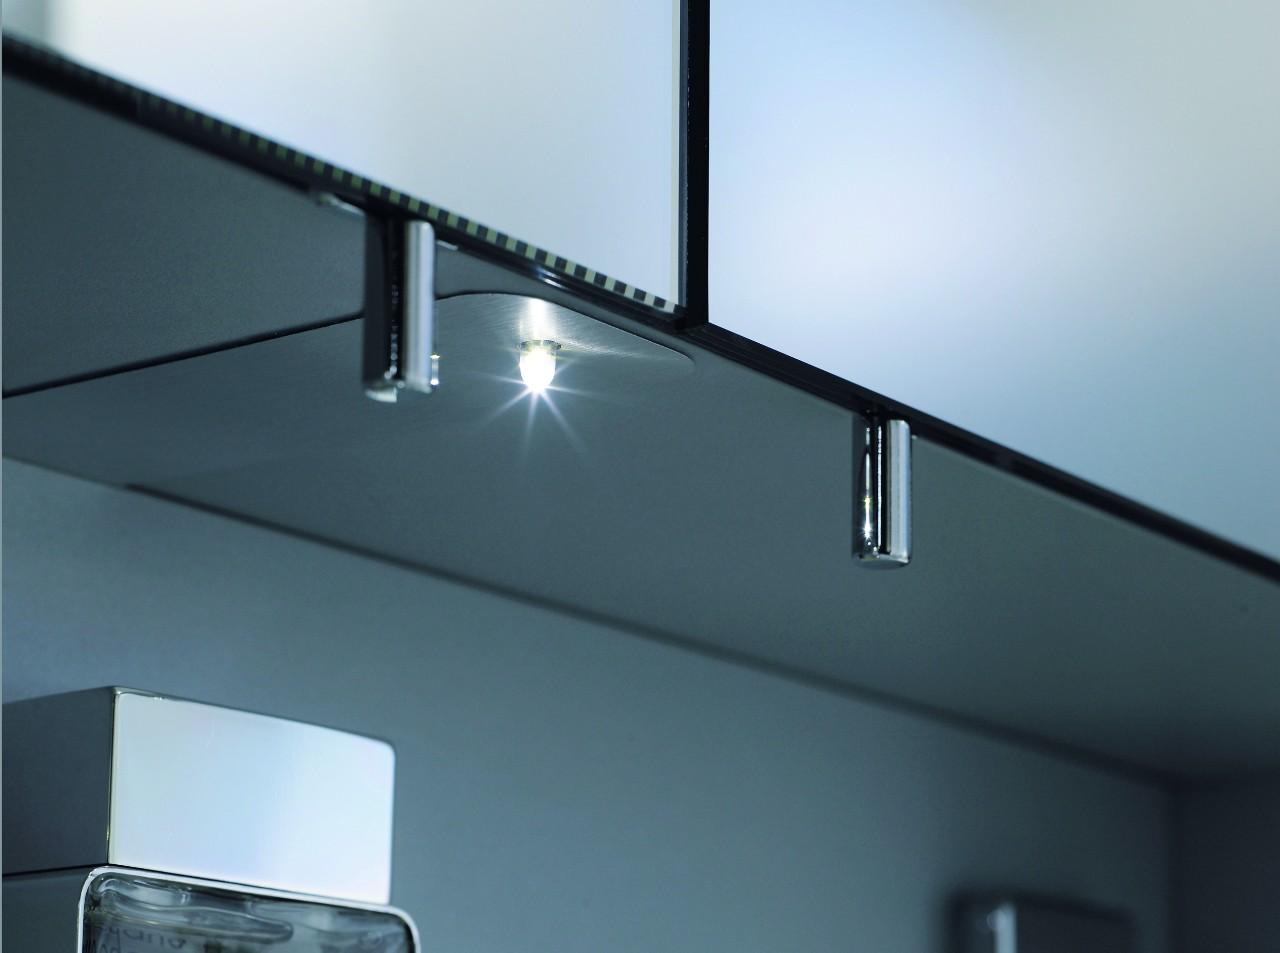 Hoge Spiegelkast Badkamer : Ingebouwd duravit led nachtlampje bij spiegelkast of douche wc